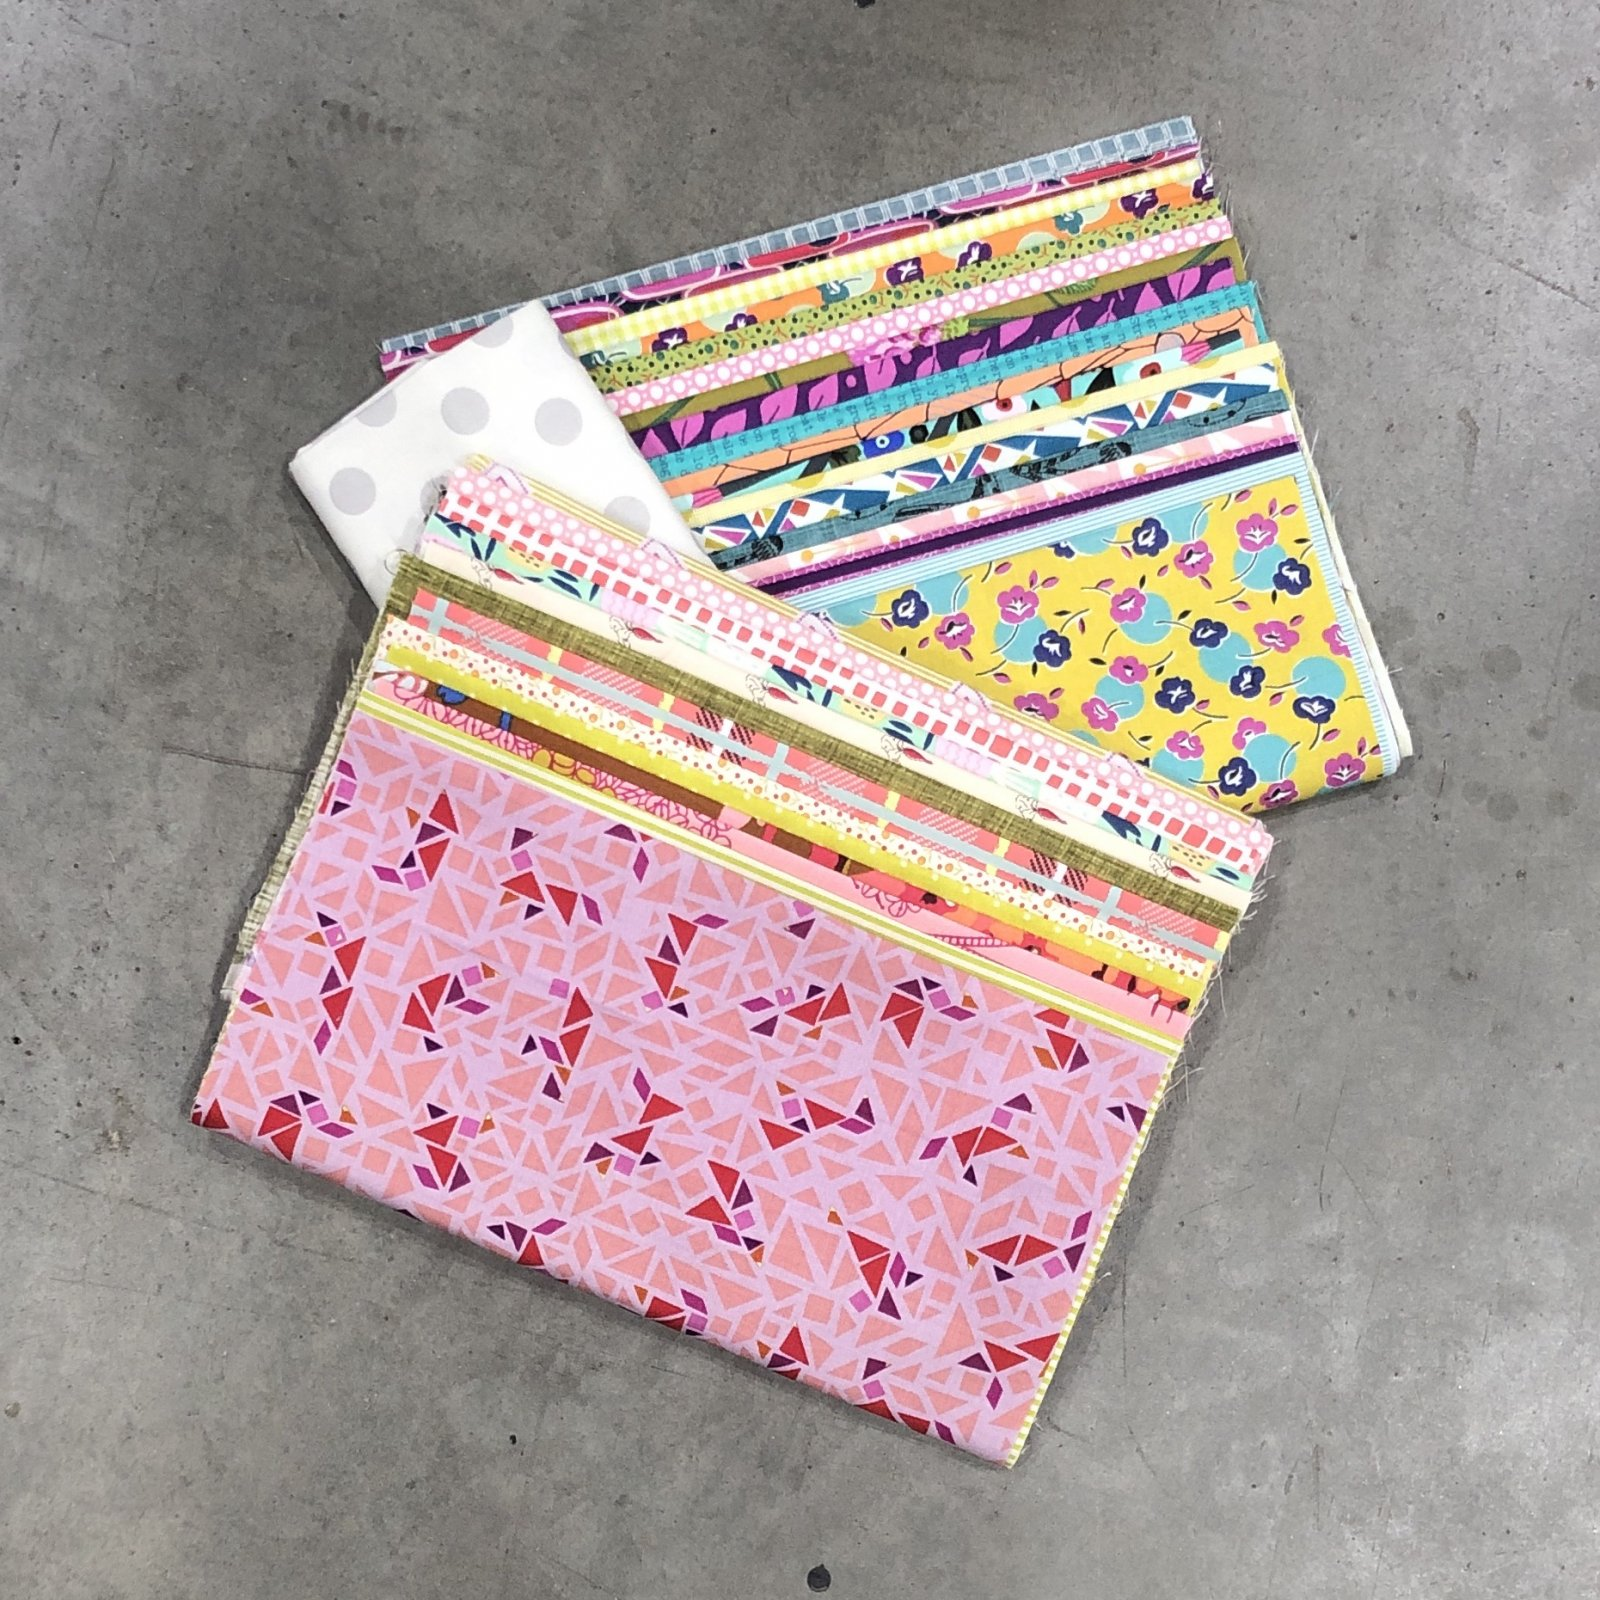 Golden Days - Starter Kit - Fabric & Pattern Booklet